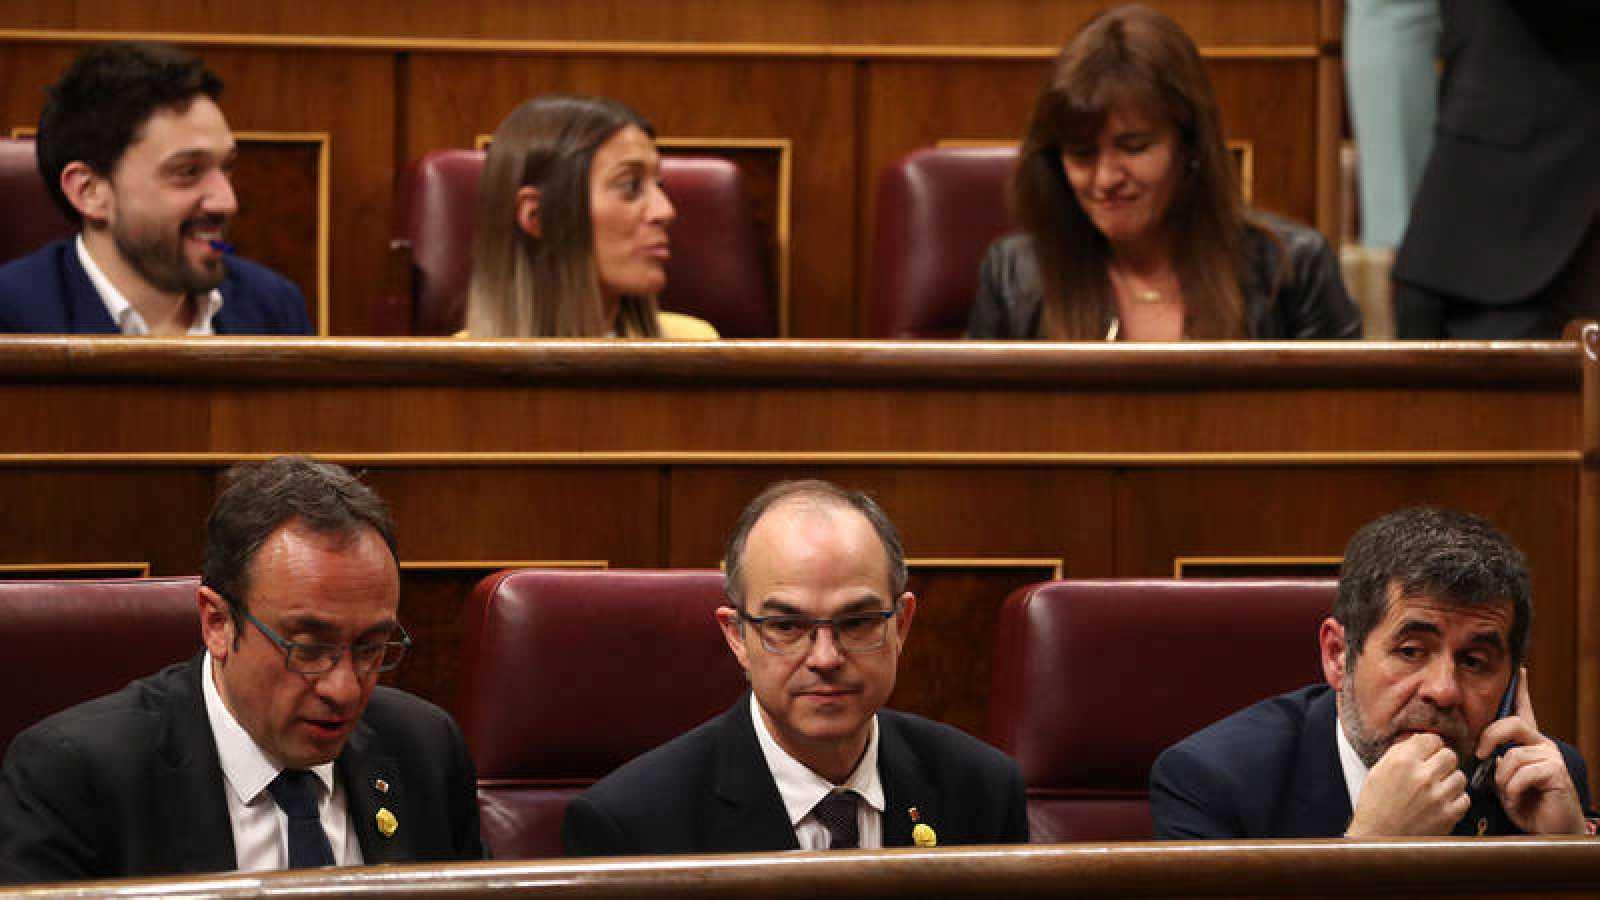 Los tres diputados de Junts per Catalunya suspendidos: Jordi Sanchez, Jordi Turull y Josep Rull